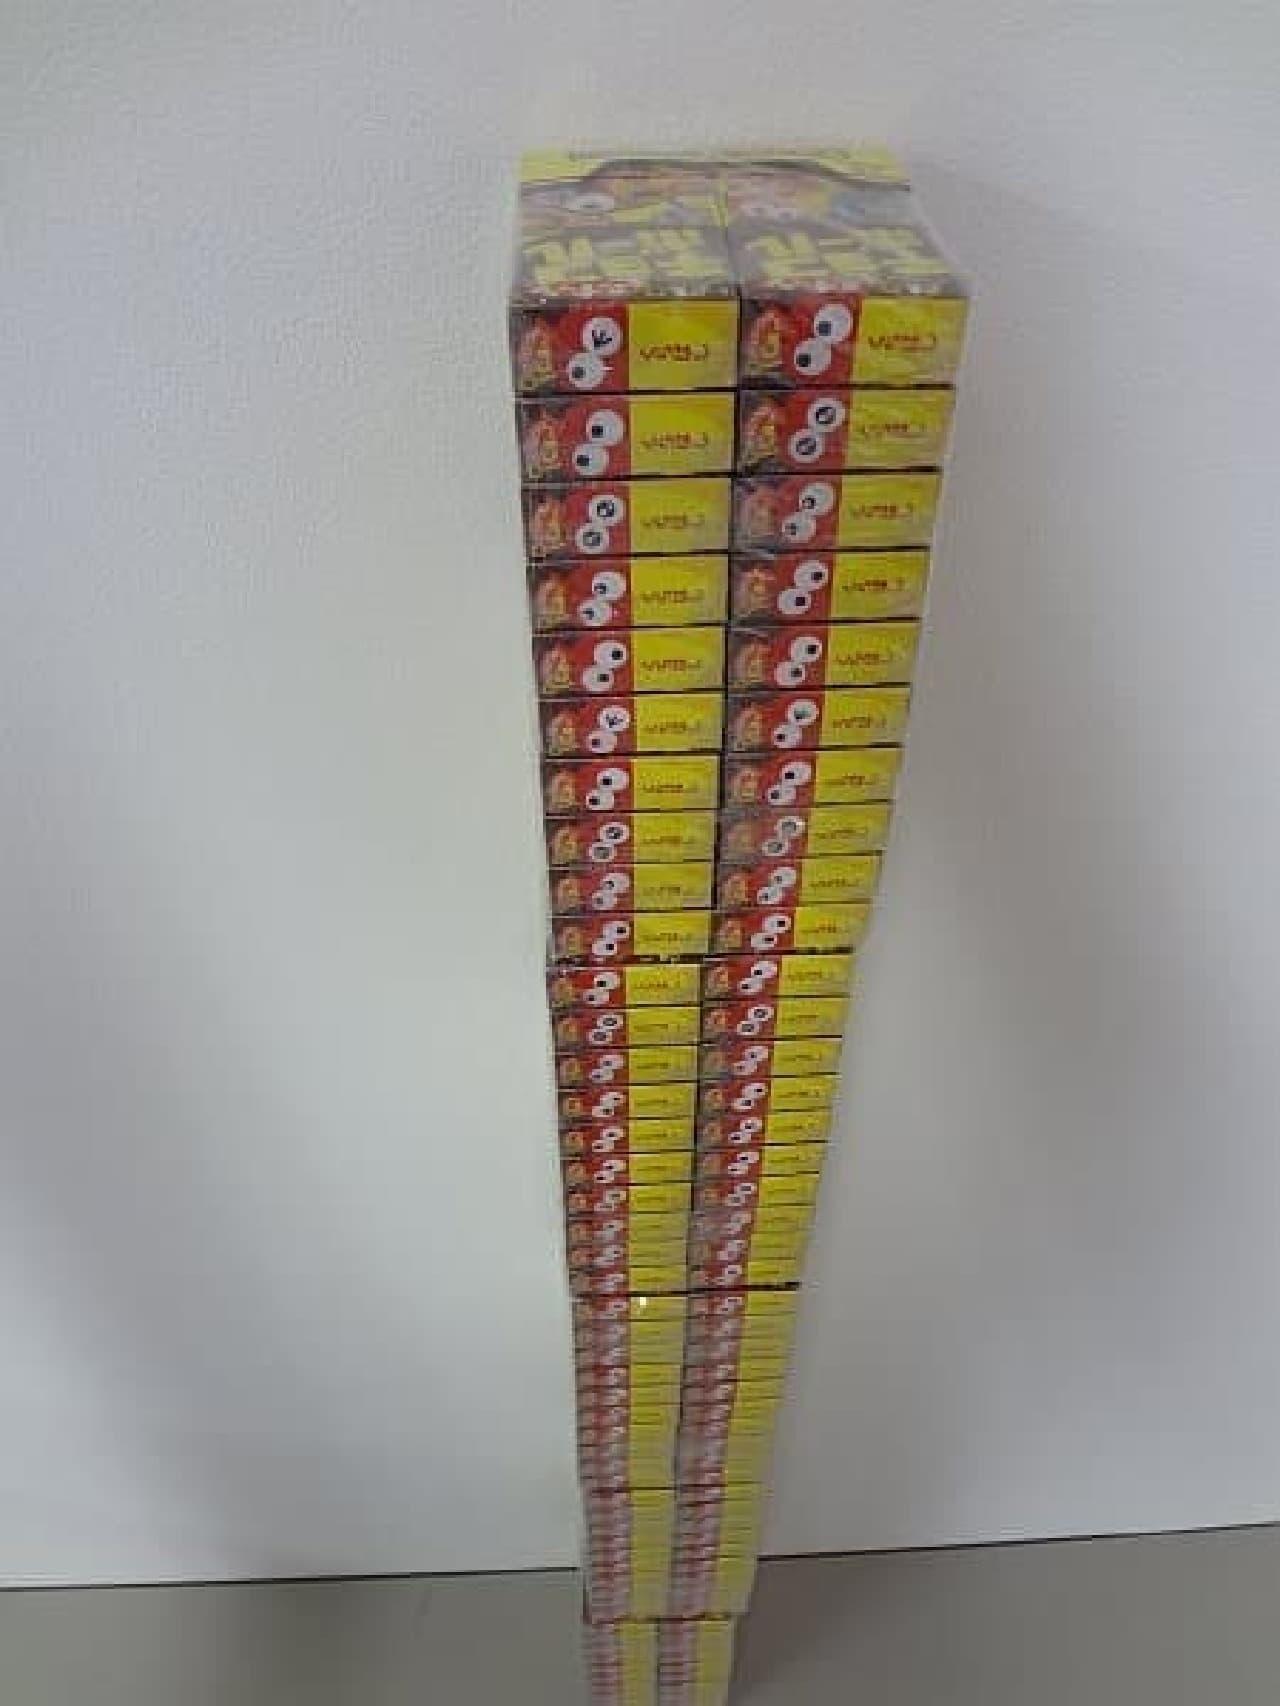 写真は、20箱入りパッケージを5つ縦に積み上げた例  これでも高さは1メートルあります